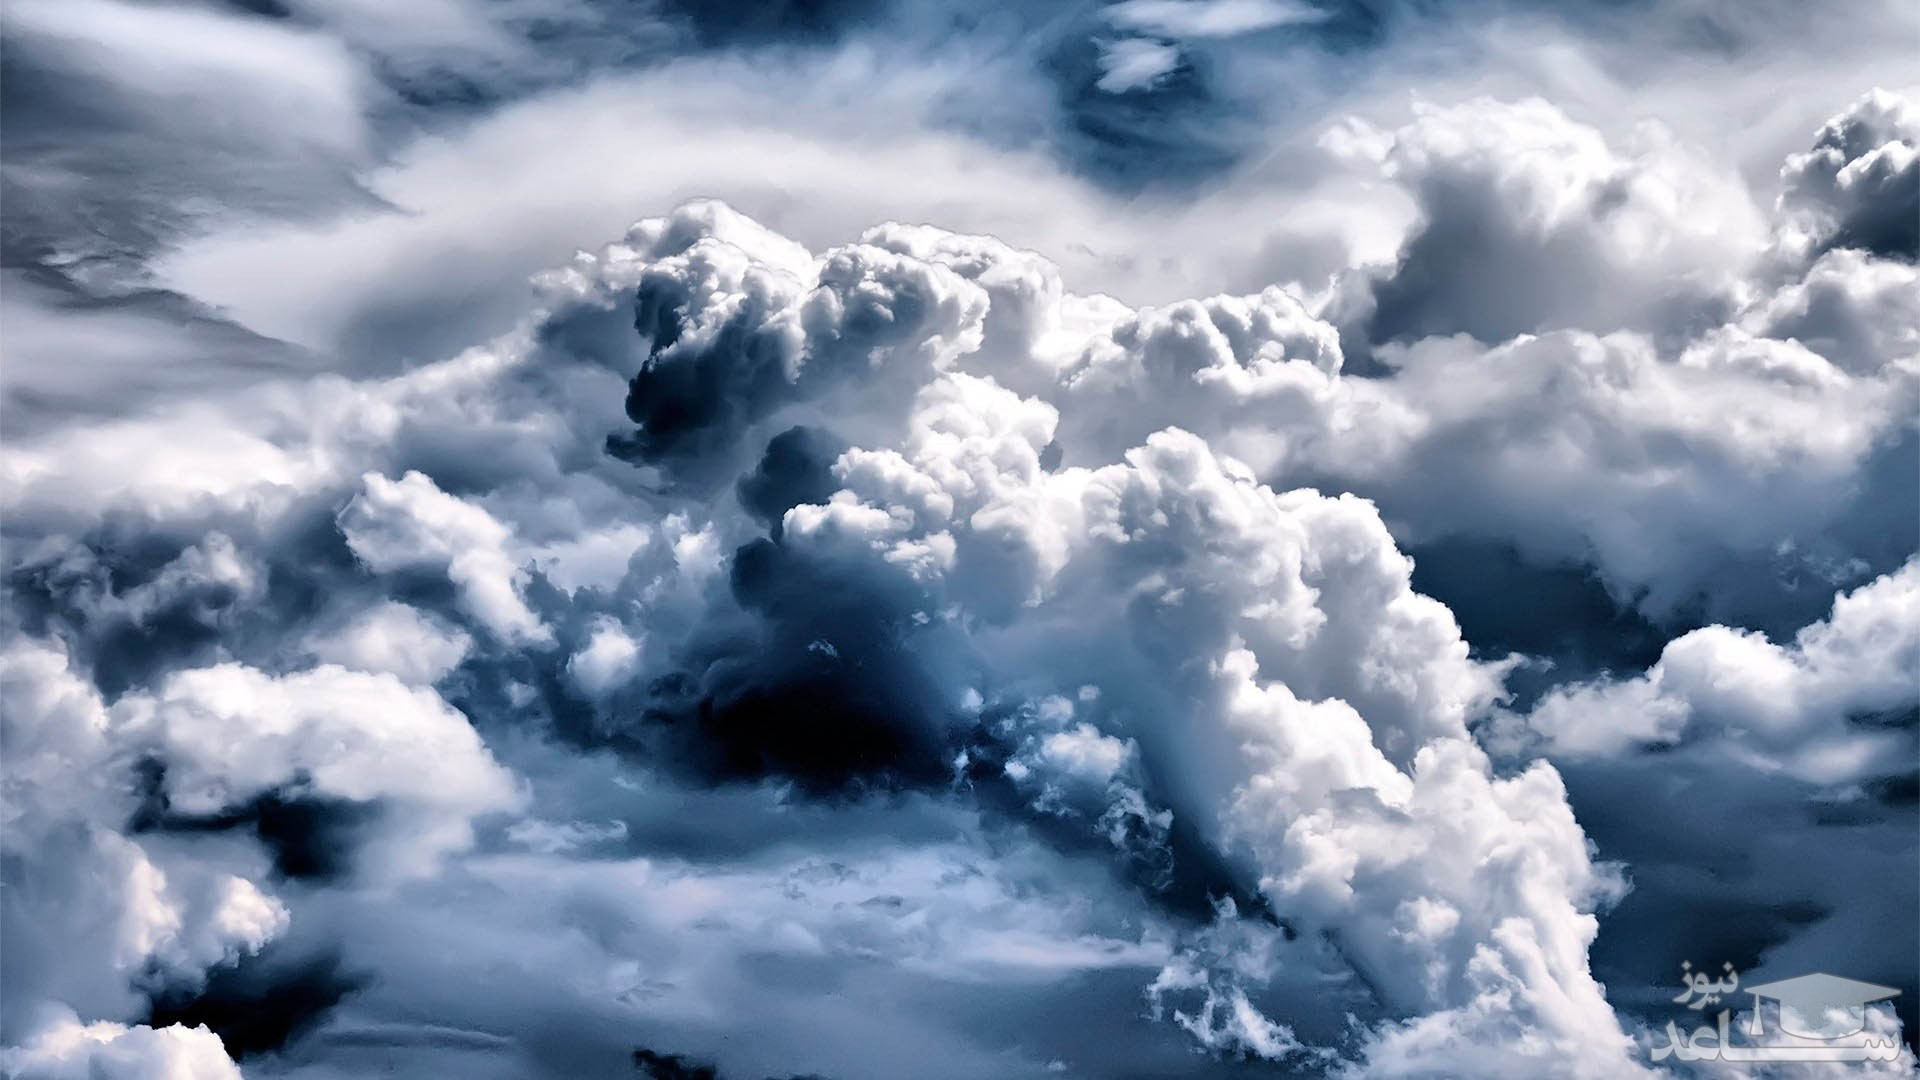 دیدن ابر در خواب چه تعبییر دارد ؟ / تعبیر خواب ابر